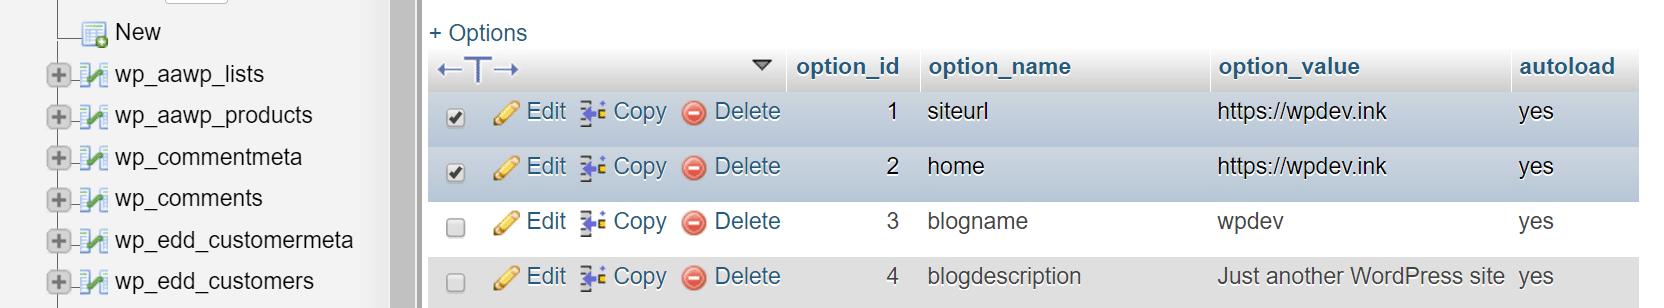 Le righe siteurl e home nel database WordPress